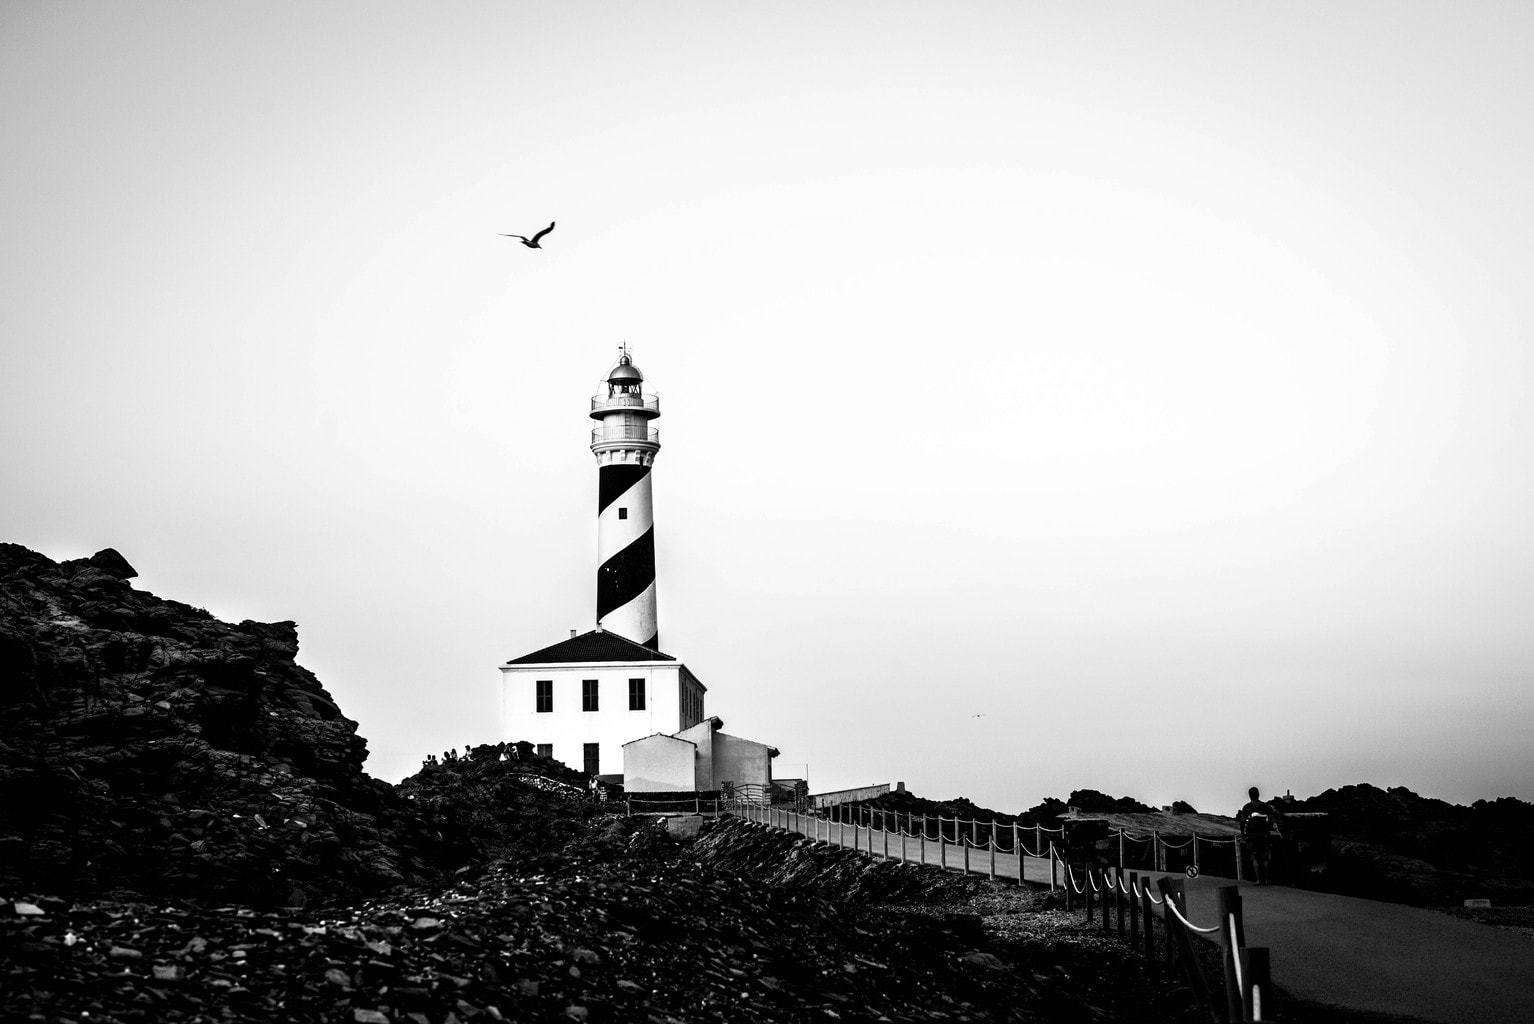 100 consejos expr s para fotografiar en blanco y negro y enamorar blog del fot grafo - Fotos en blanco ...